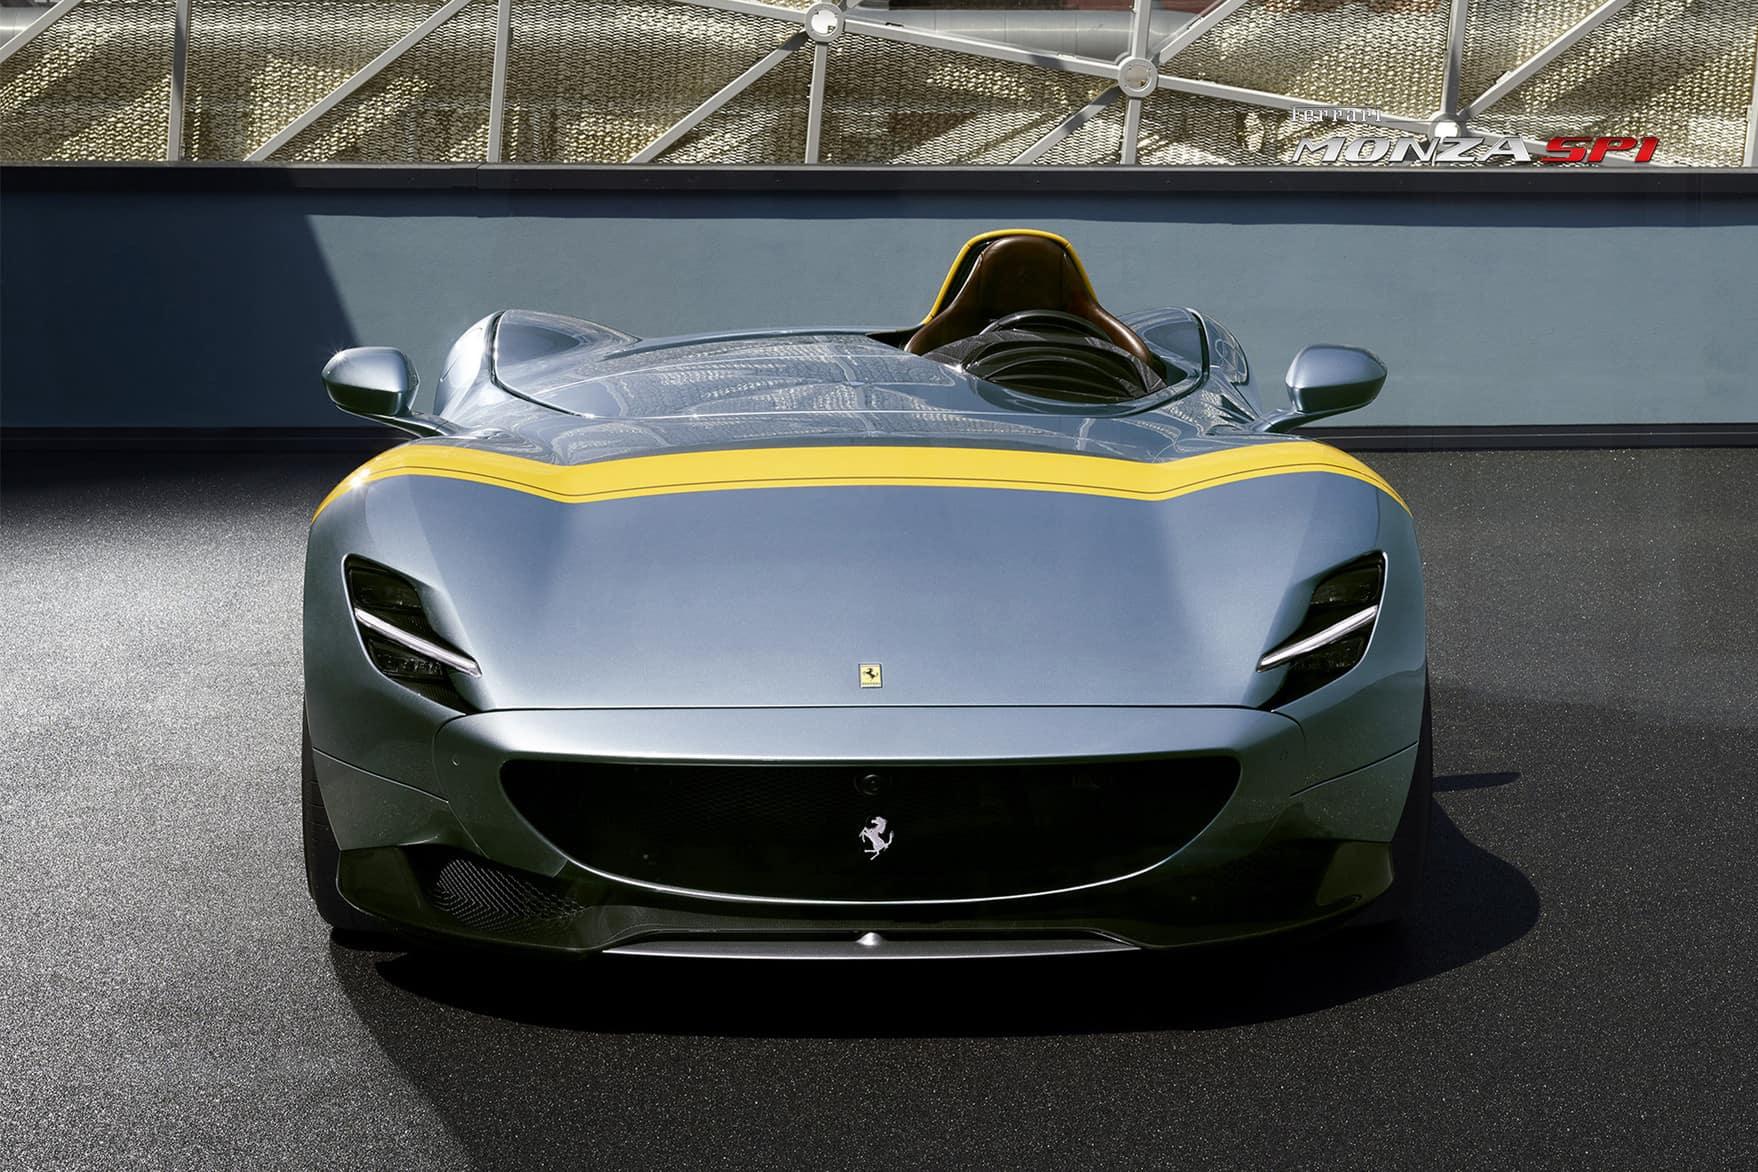 1 Ferrari Monza SP1